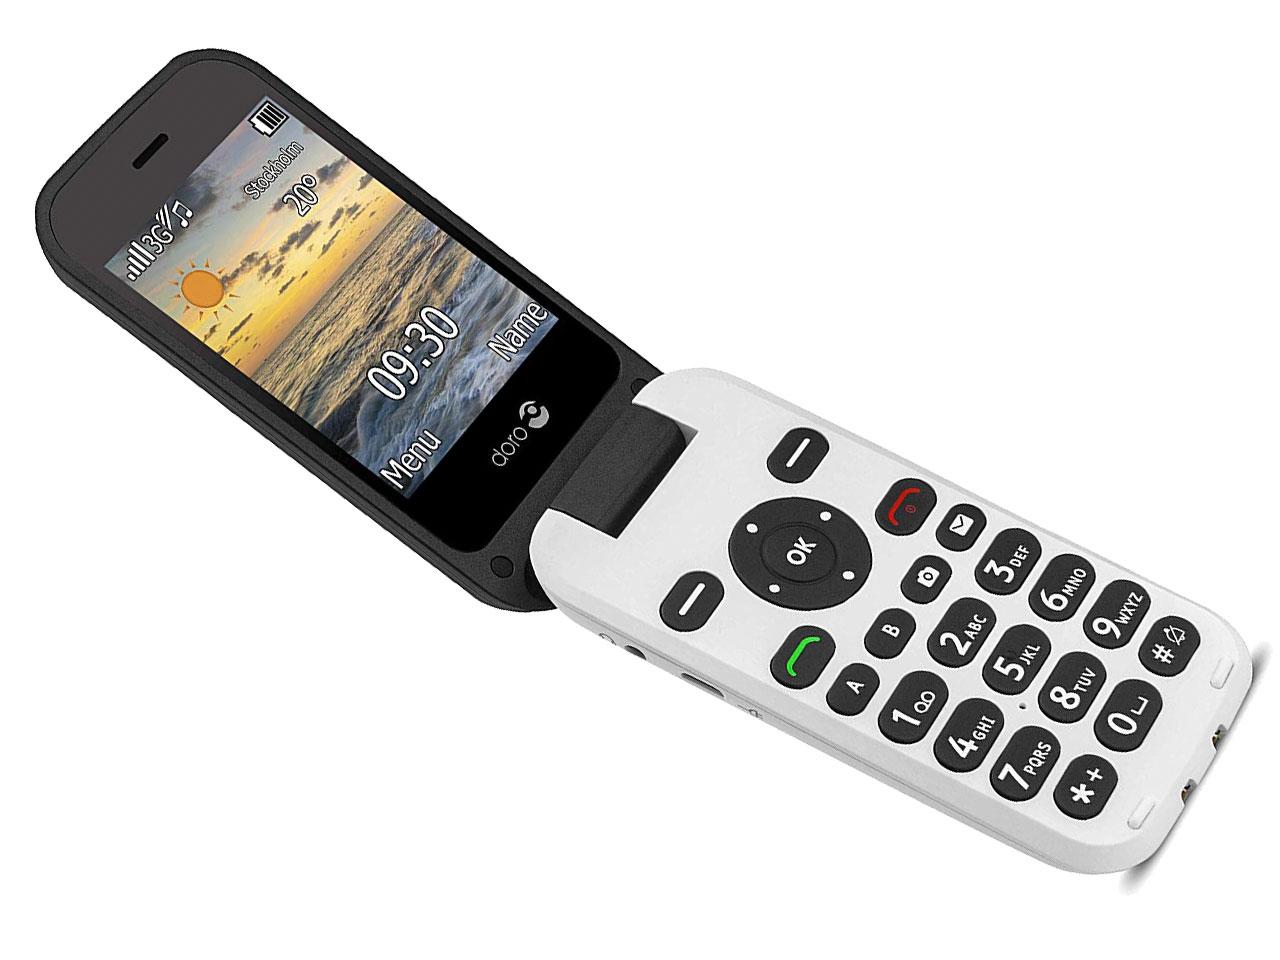 Doro 6620 Phone